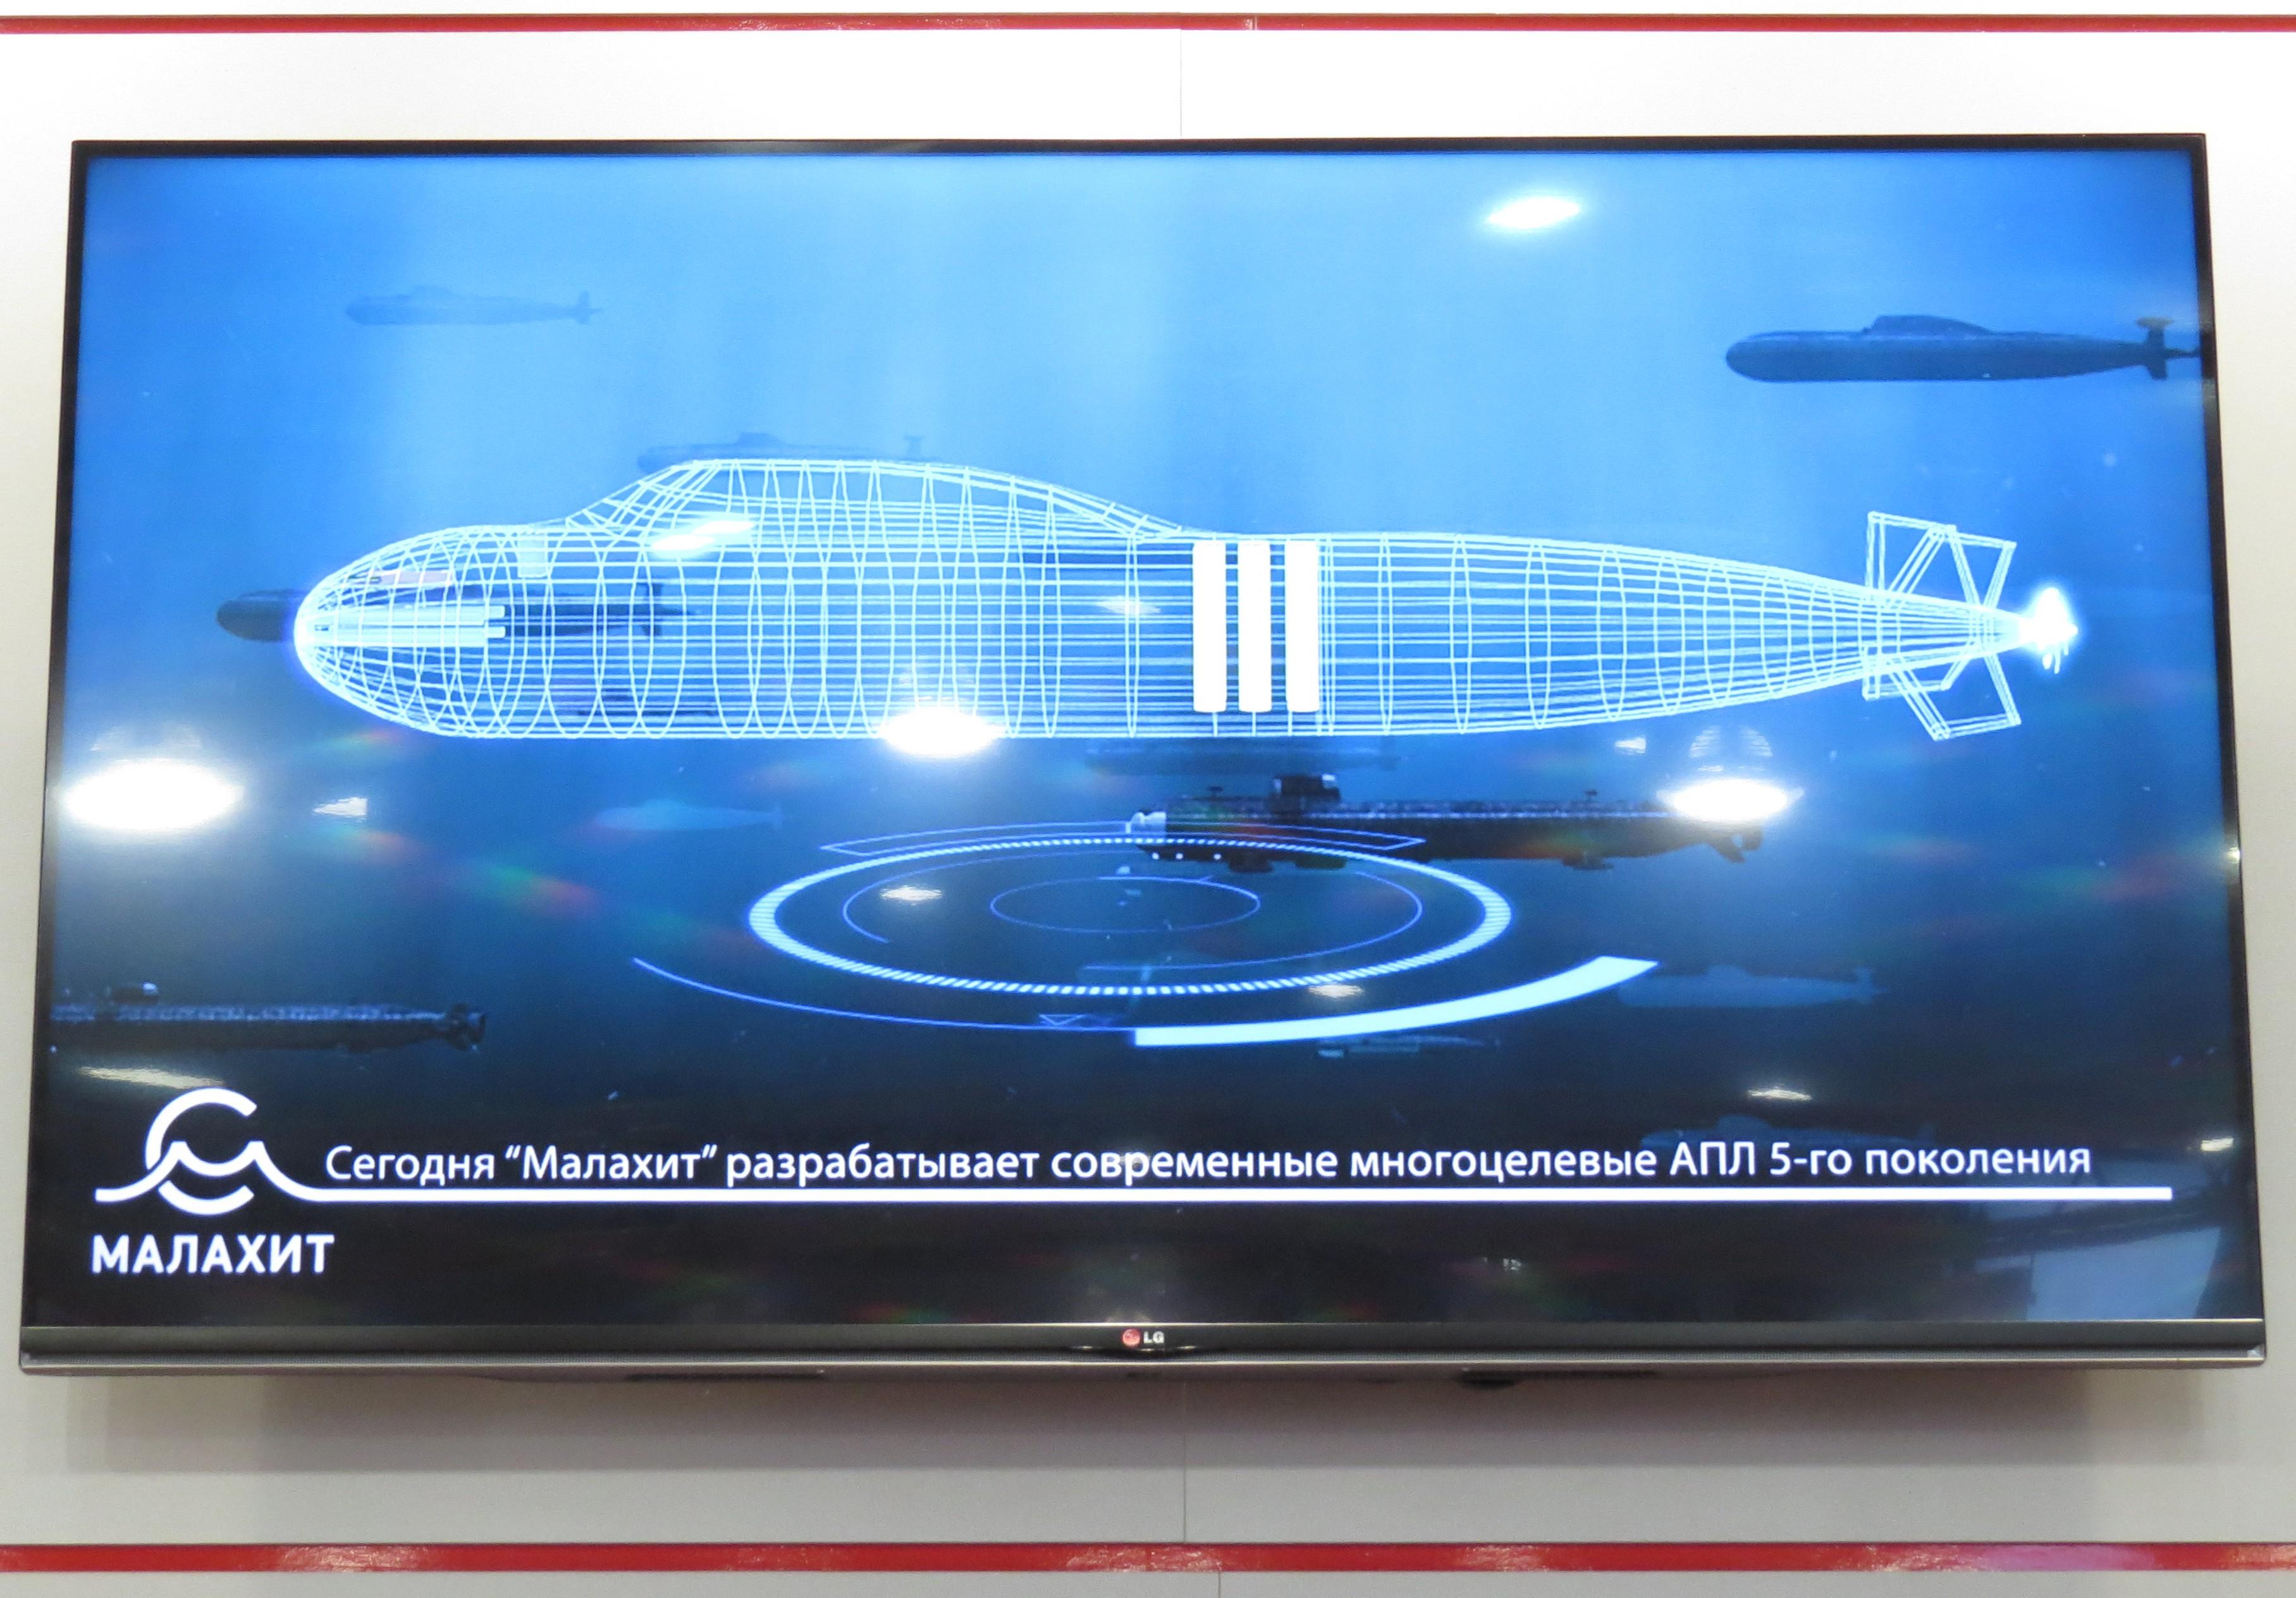 многоцелевые атомные подводные лодки хаски